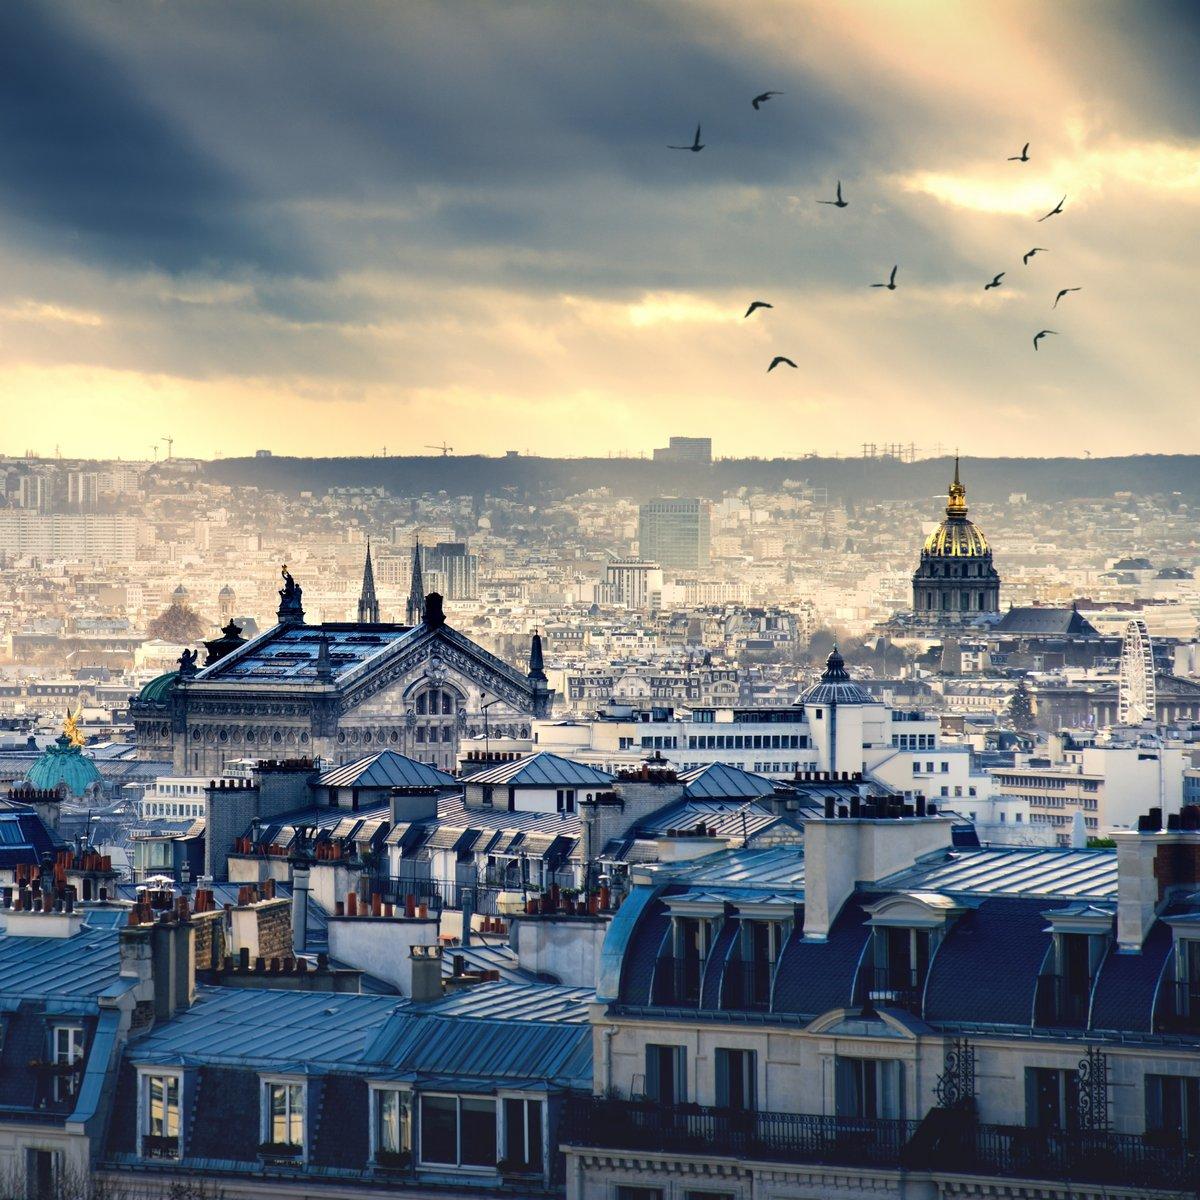 Постер Франция Париж город взят от МонмартраФранция<br>Постер на холсте или бумаге. Любого нужного вам размера. В раме или без. Подвес в комплекте. Трехслойная надежная упаковка. Доставим в любую точку России. Вам осталось только повесить картину на стену!<br>